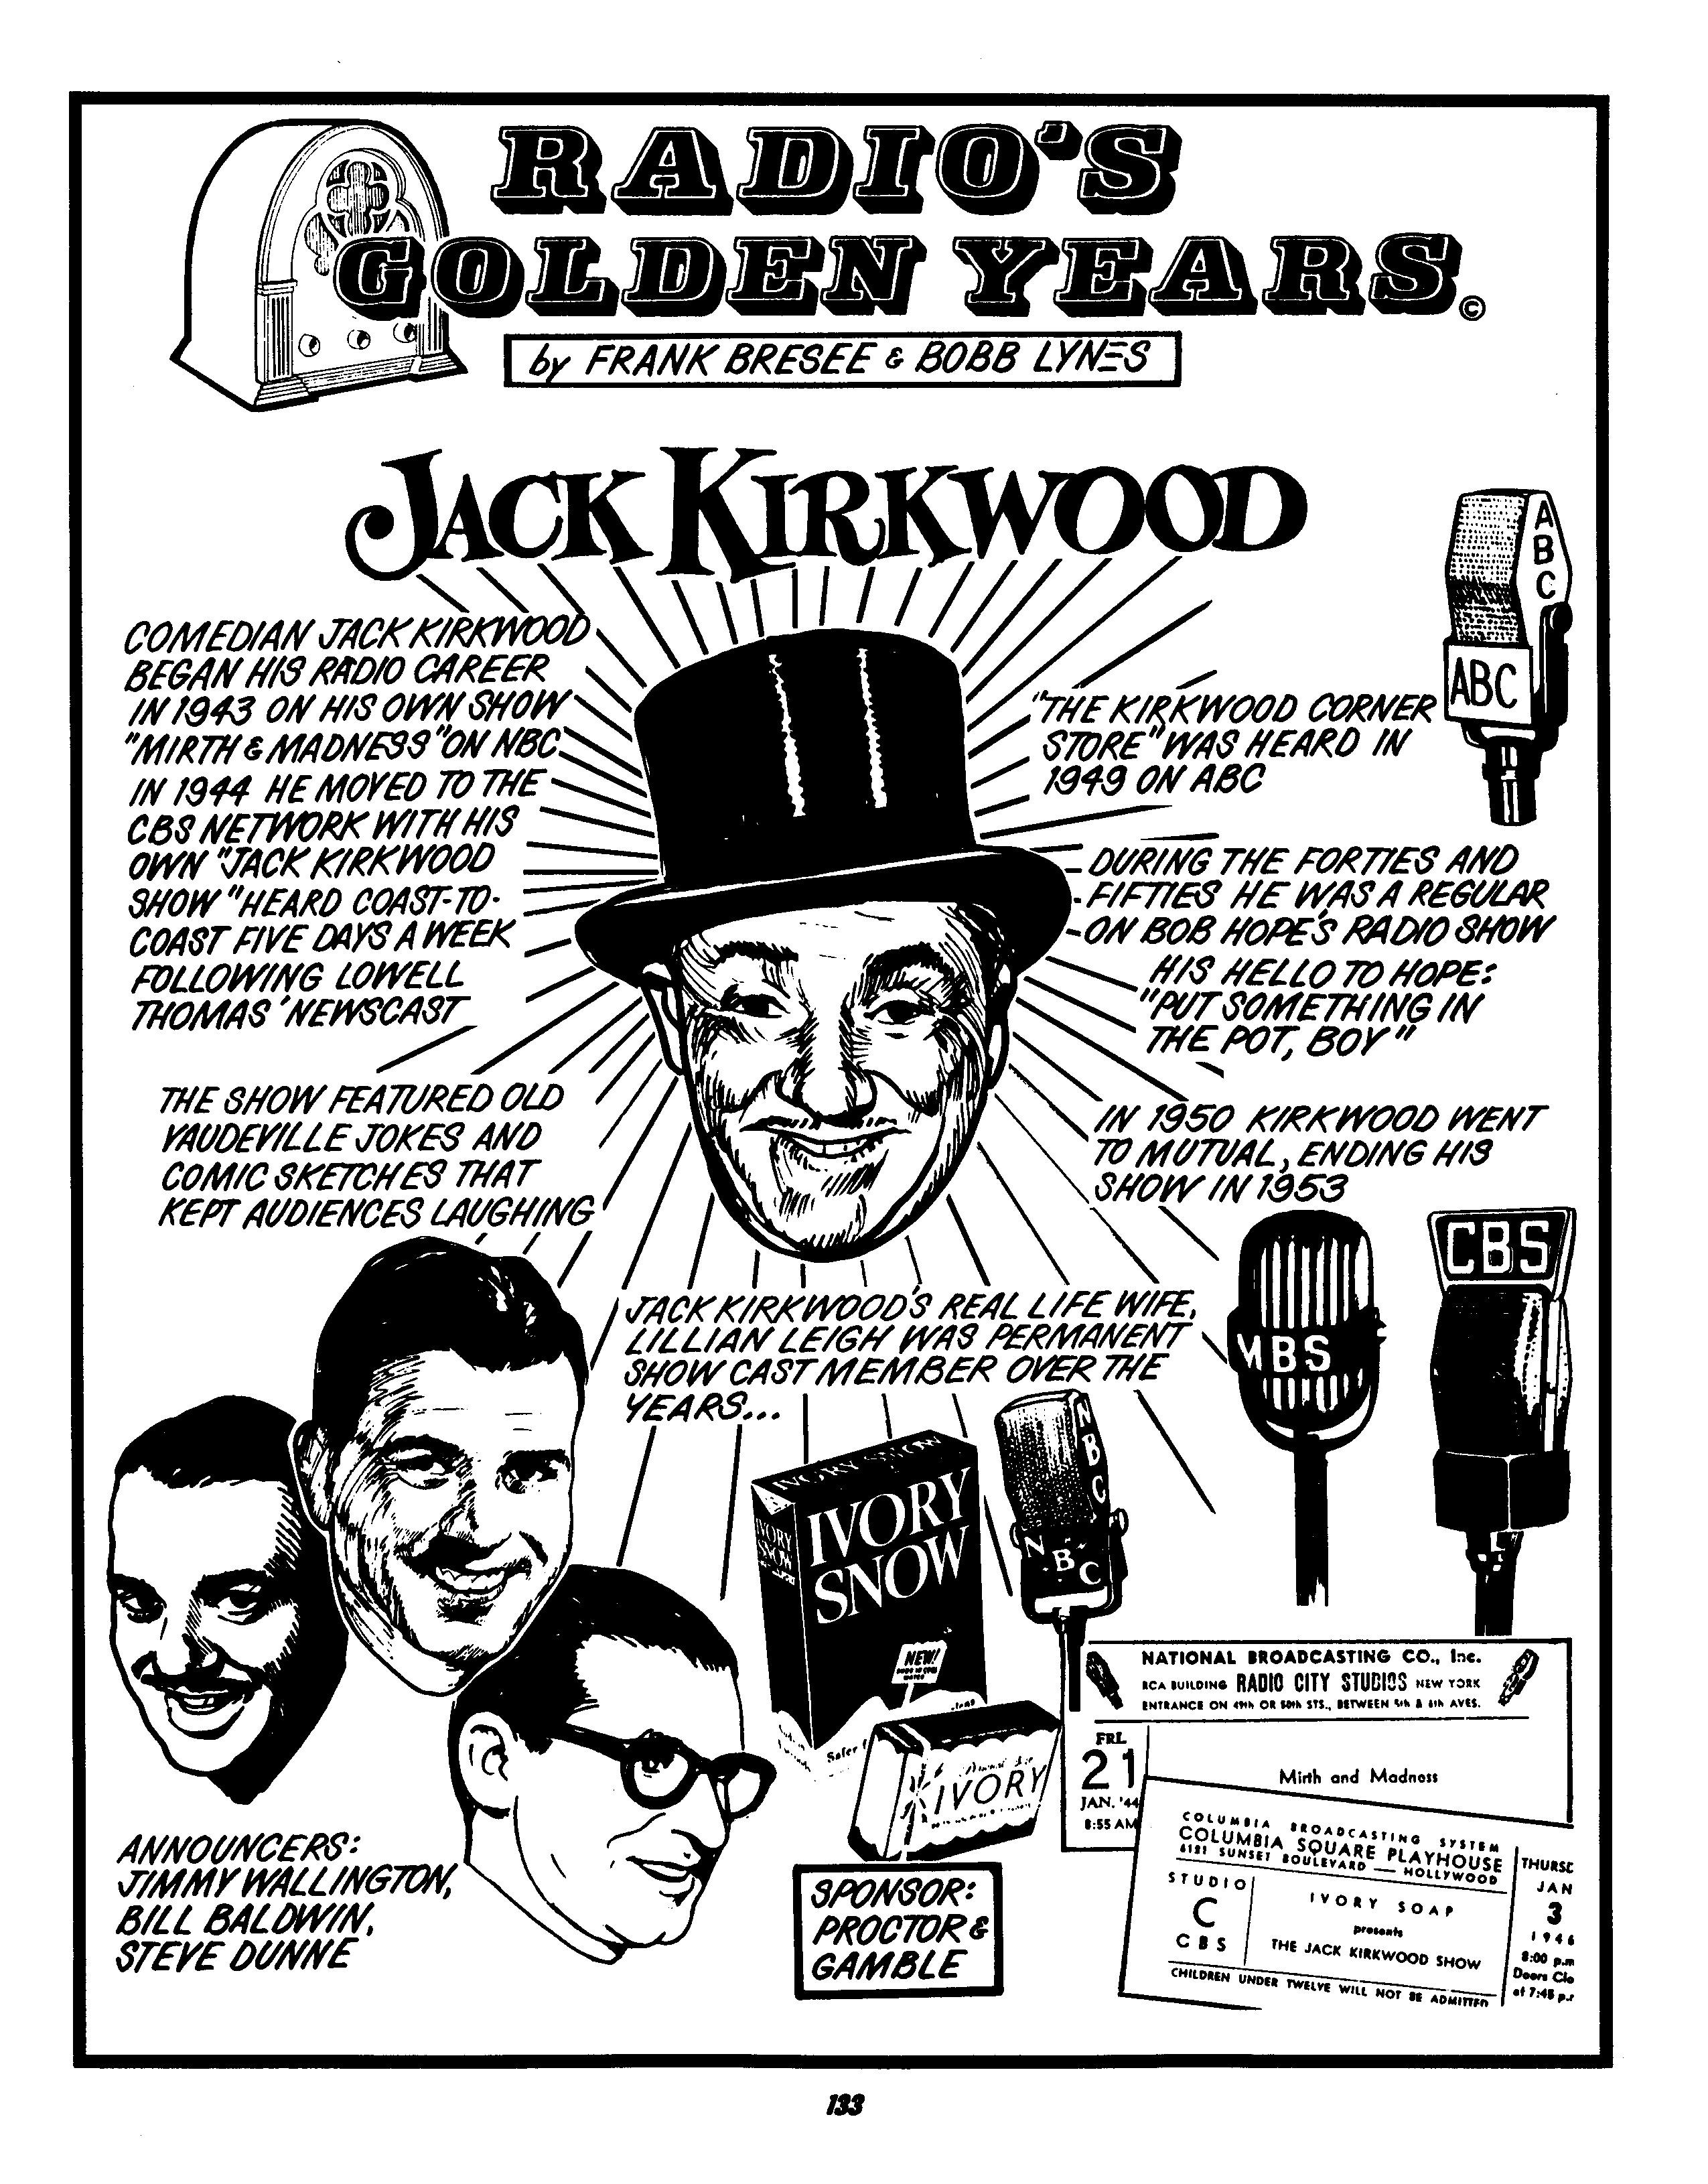 Jack Kirkwood